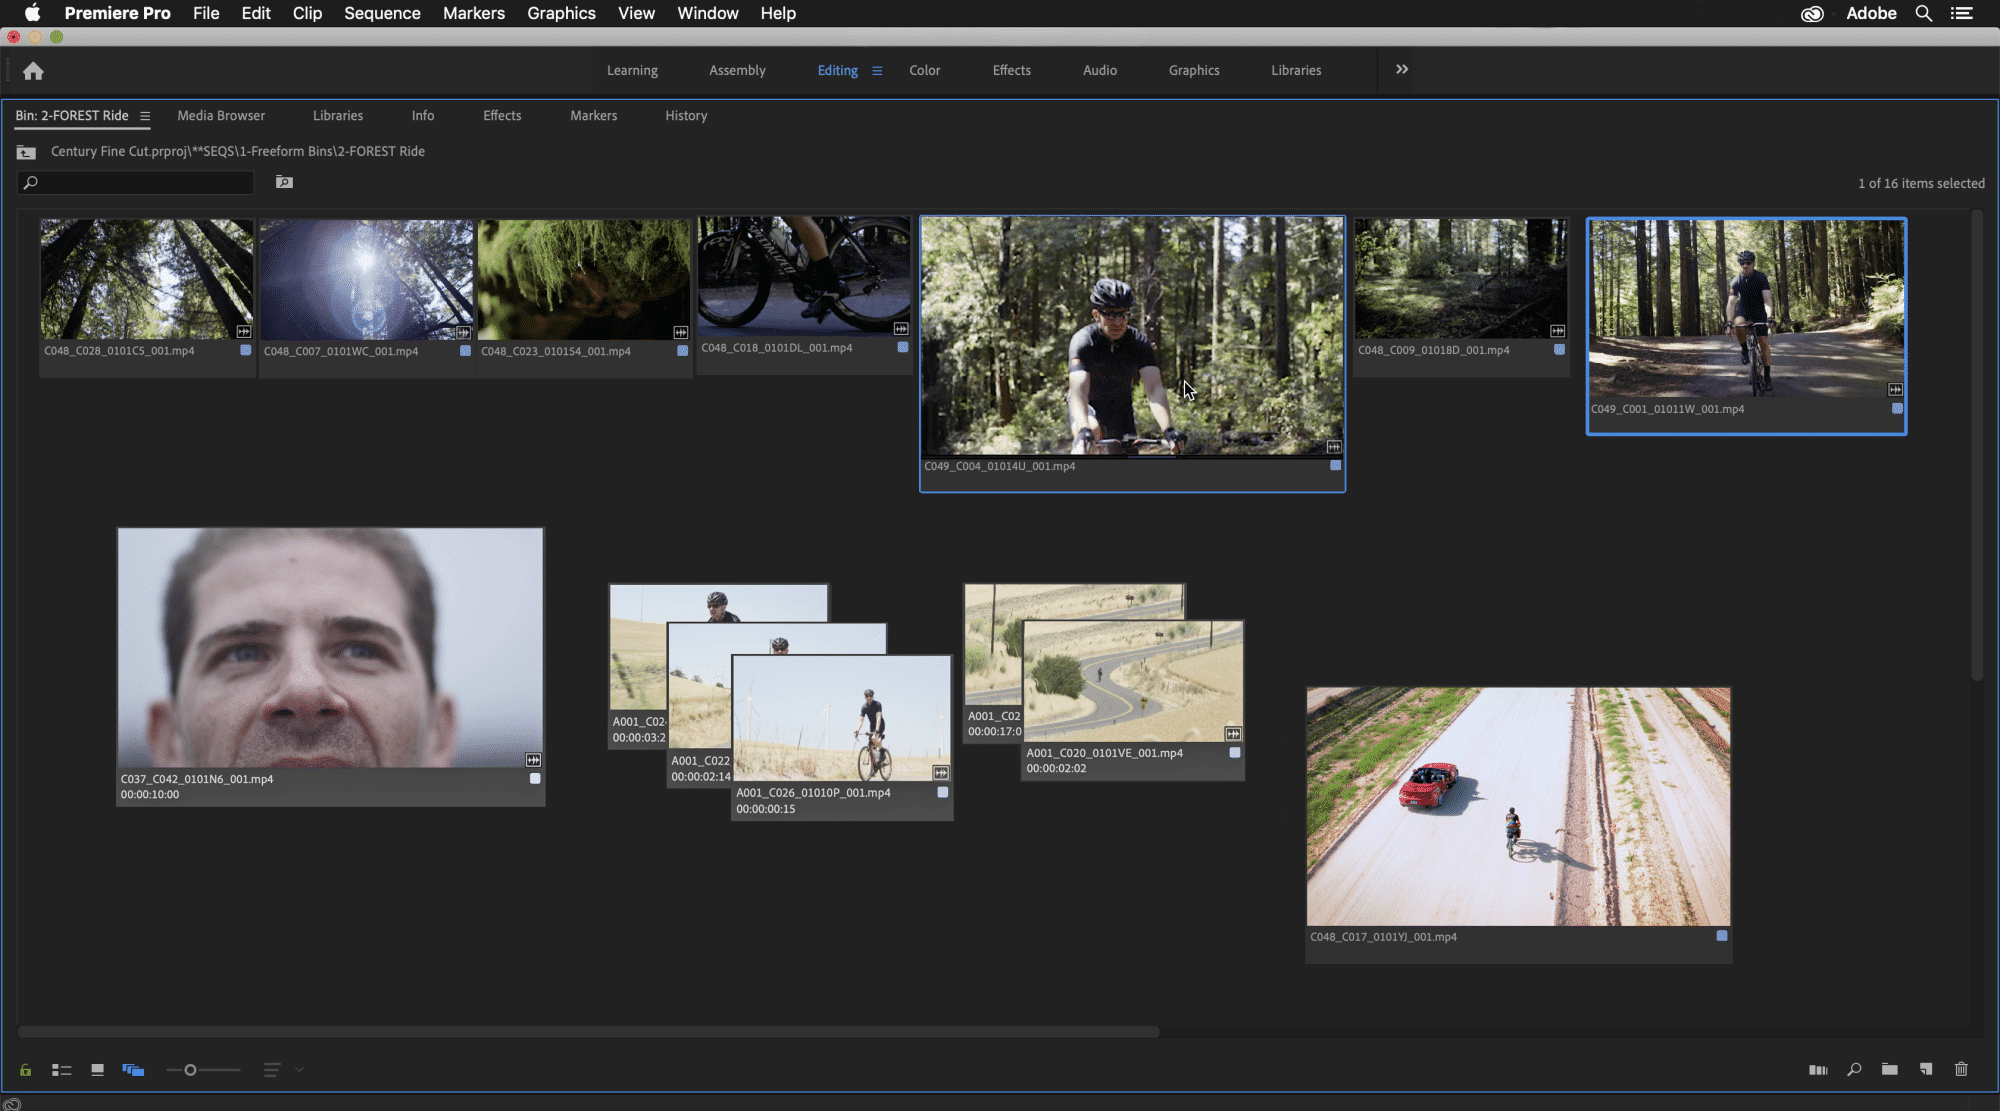 In der Freeform-Ansicht von Premiere Pro lassen sich Clips frei auf der Bildfläche verteilen.